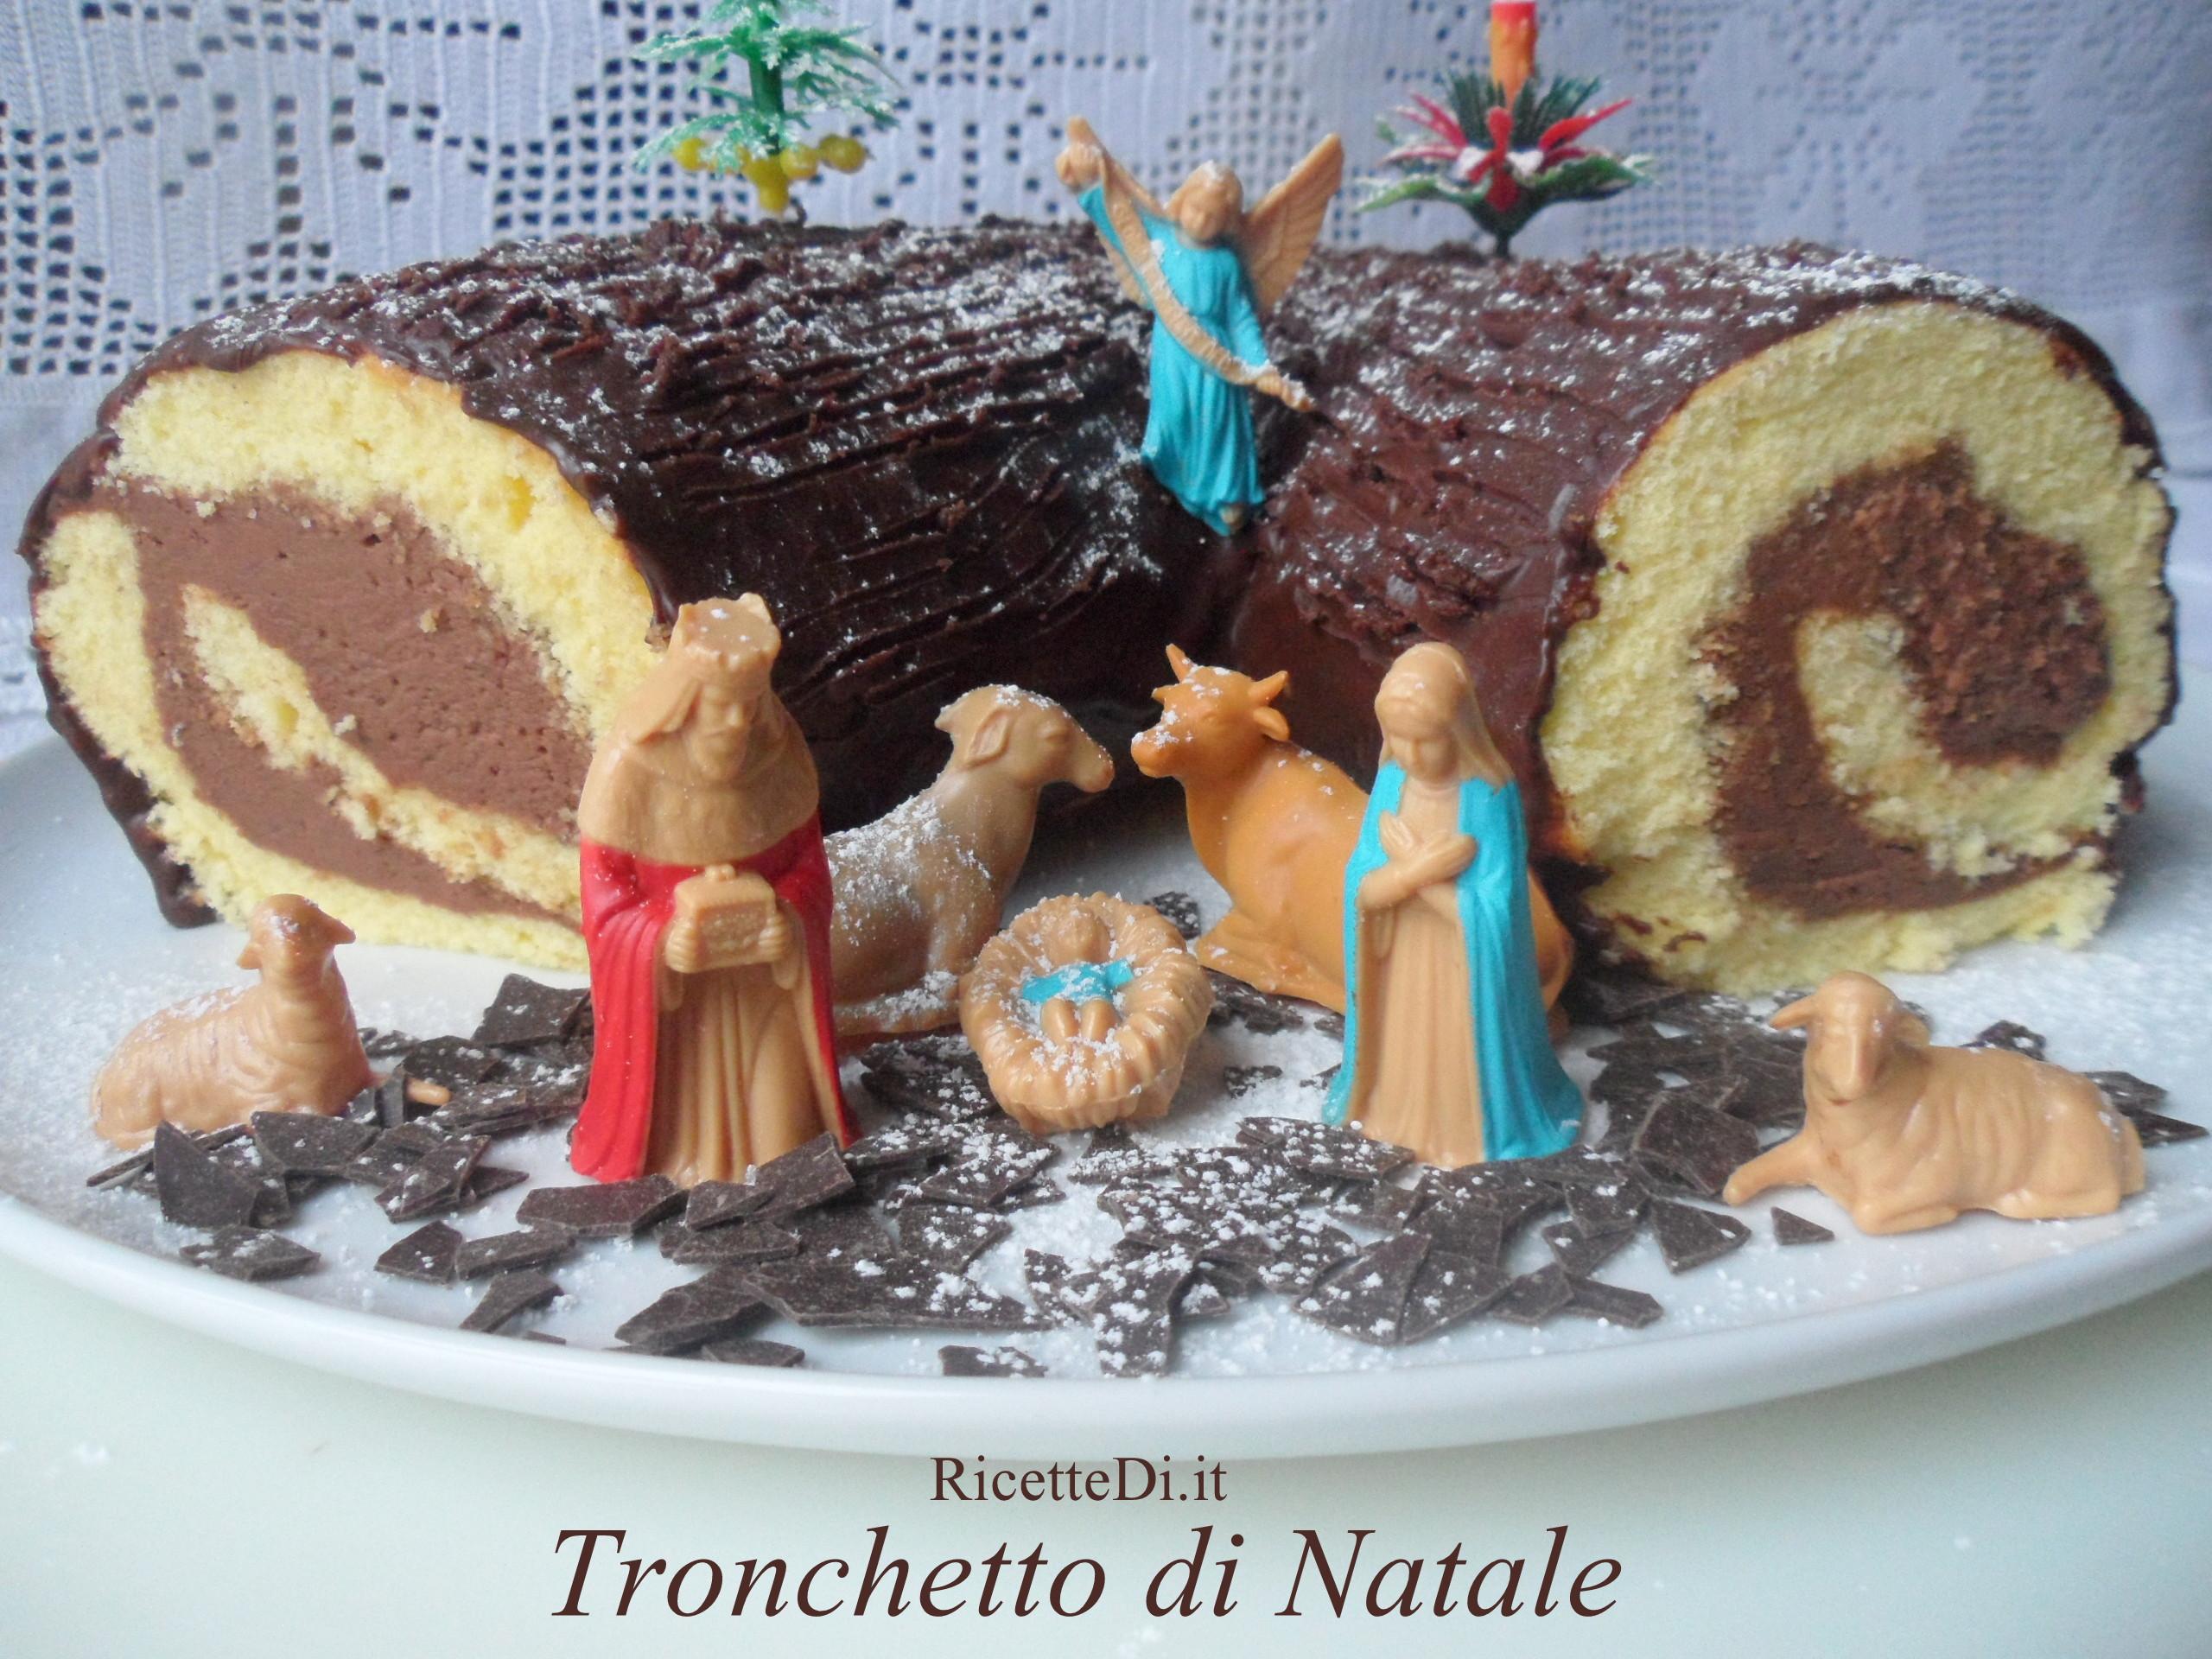 Tronchetto Di Castagne Al Cioccolato Ricettedi.it #336E7D 2560 1920 Ricette Cucina Disegnate